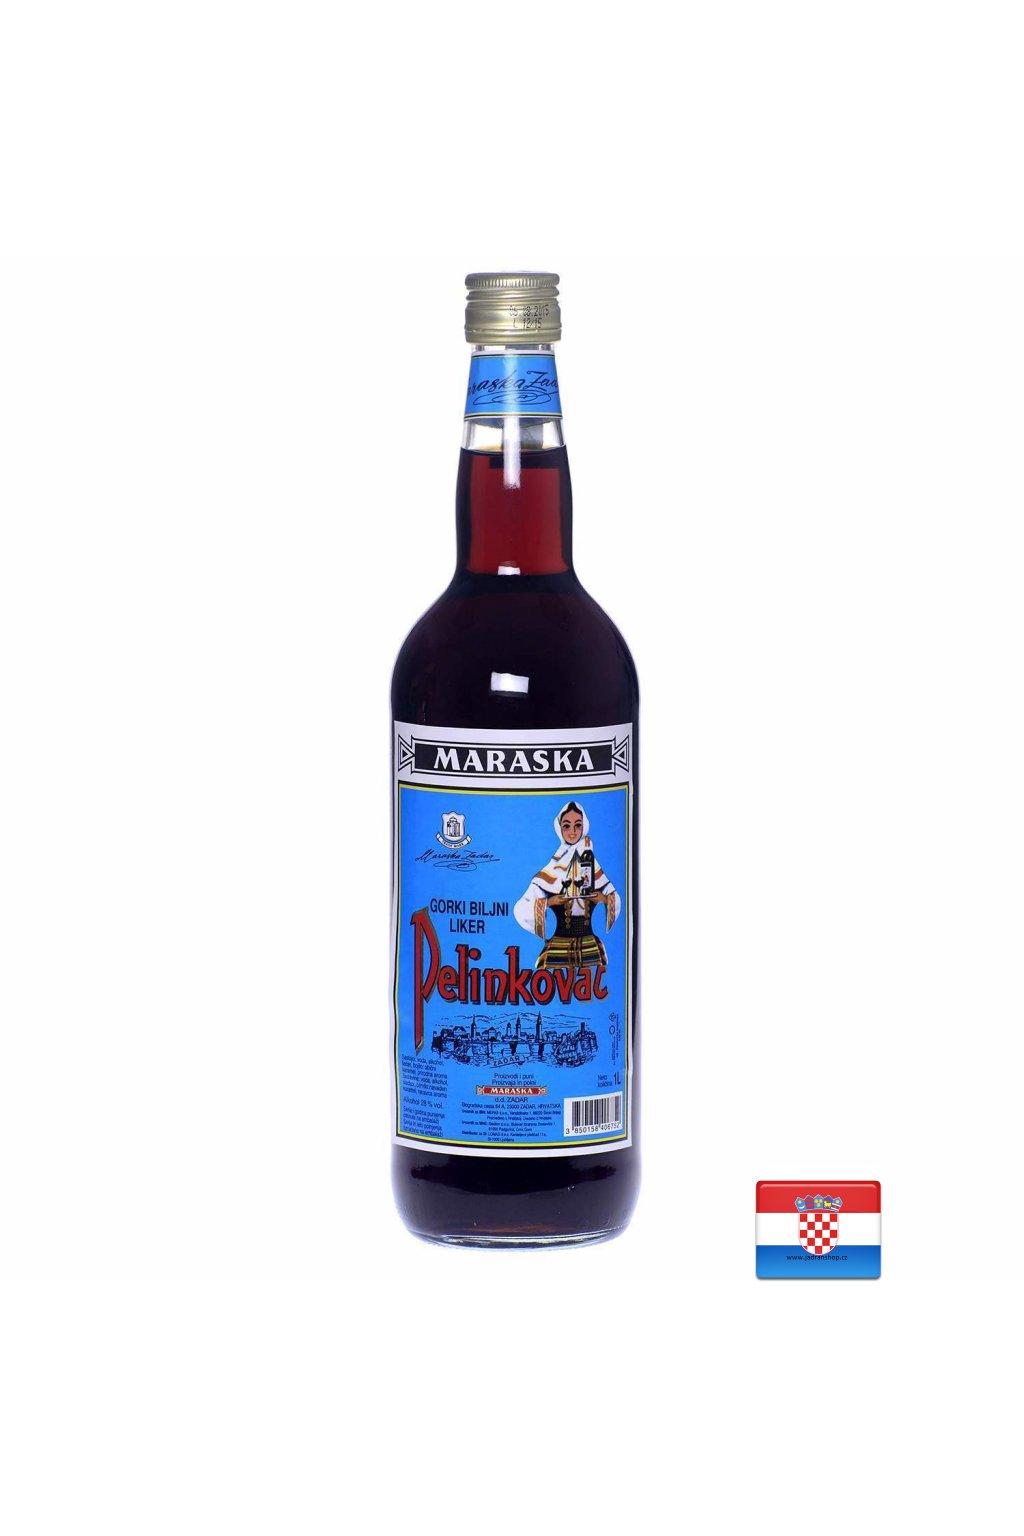 Pelinkovac Maraska 1l